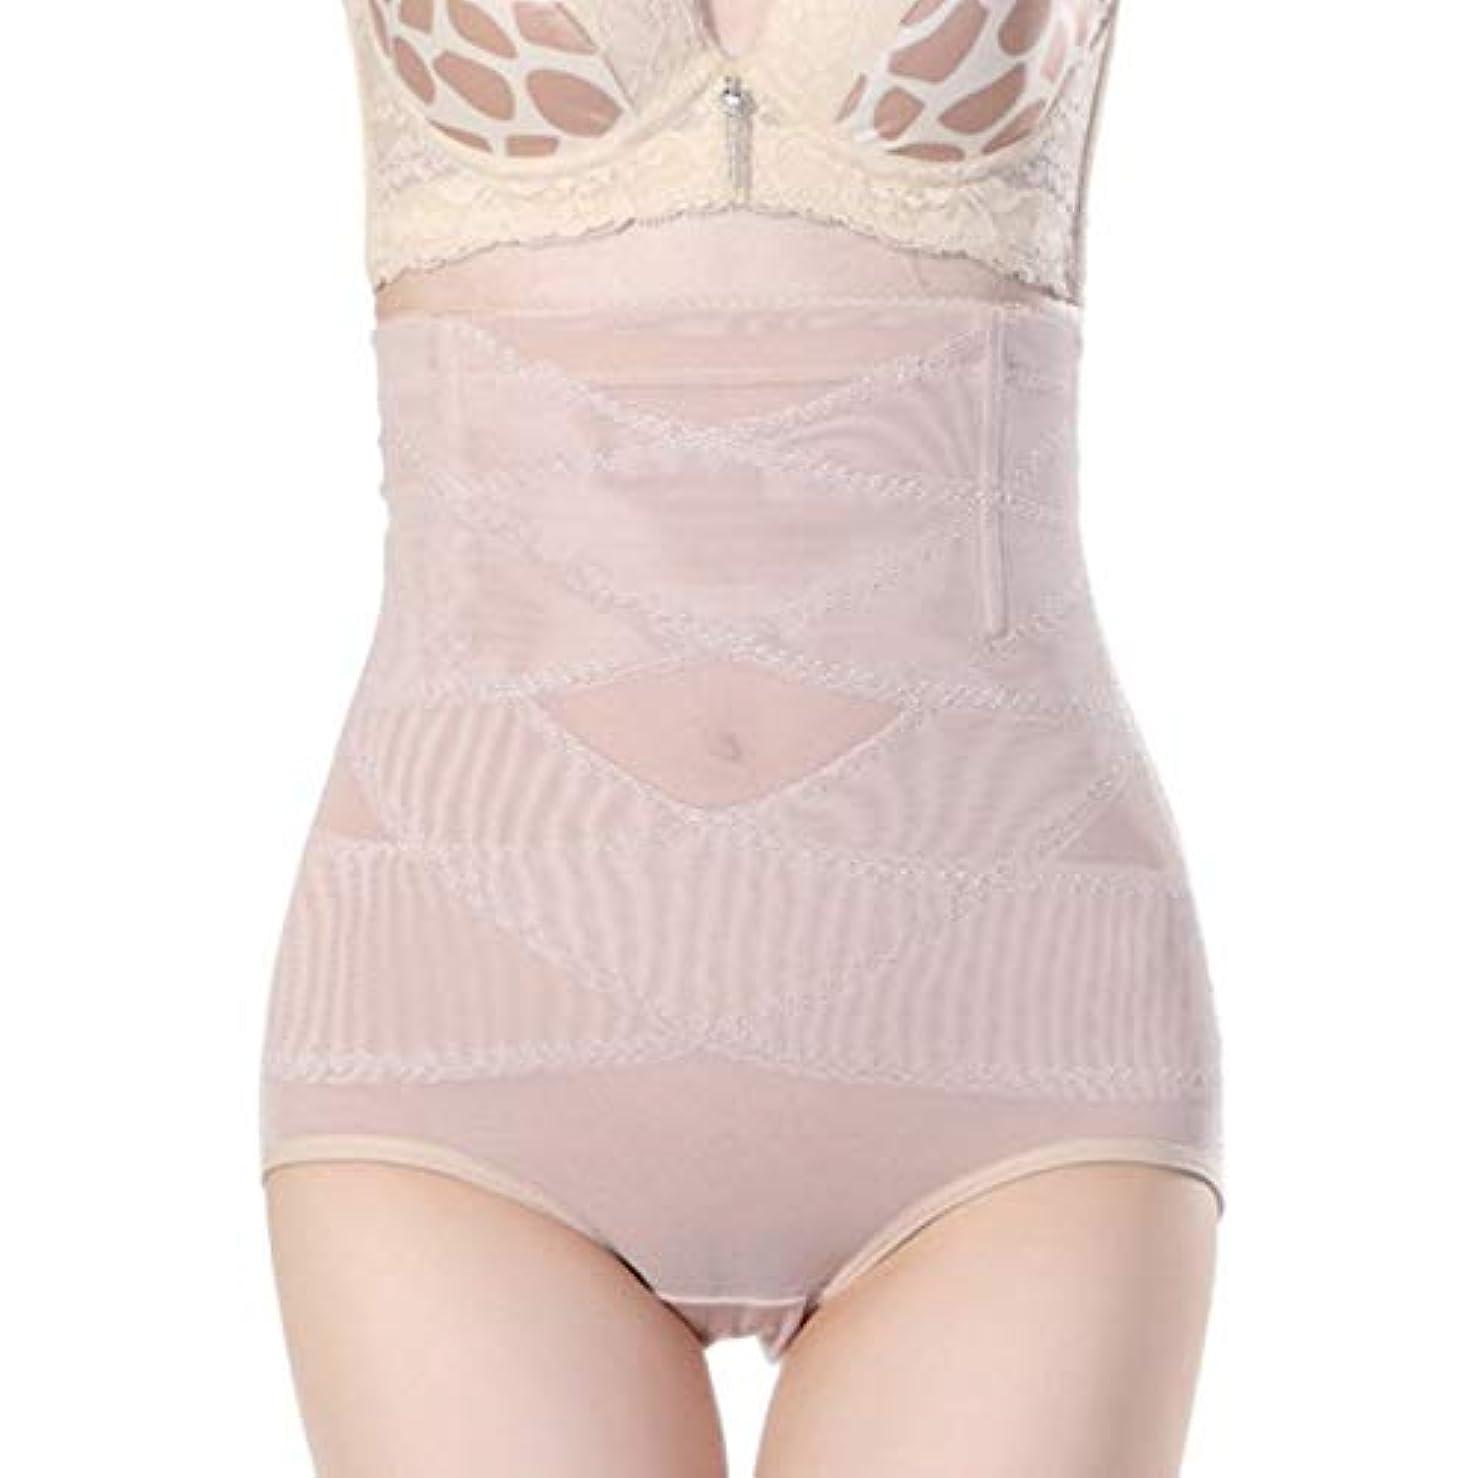 誇張ウィンクファンシー腹部制御下着シームレスおなかコントロールパンティーバットリフターボディシェイパーを痩身通気性のハイウエストの女性 - 肌色2 XL